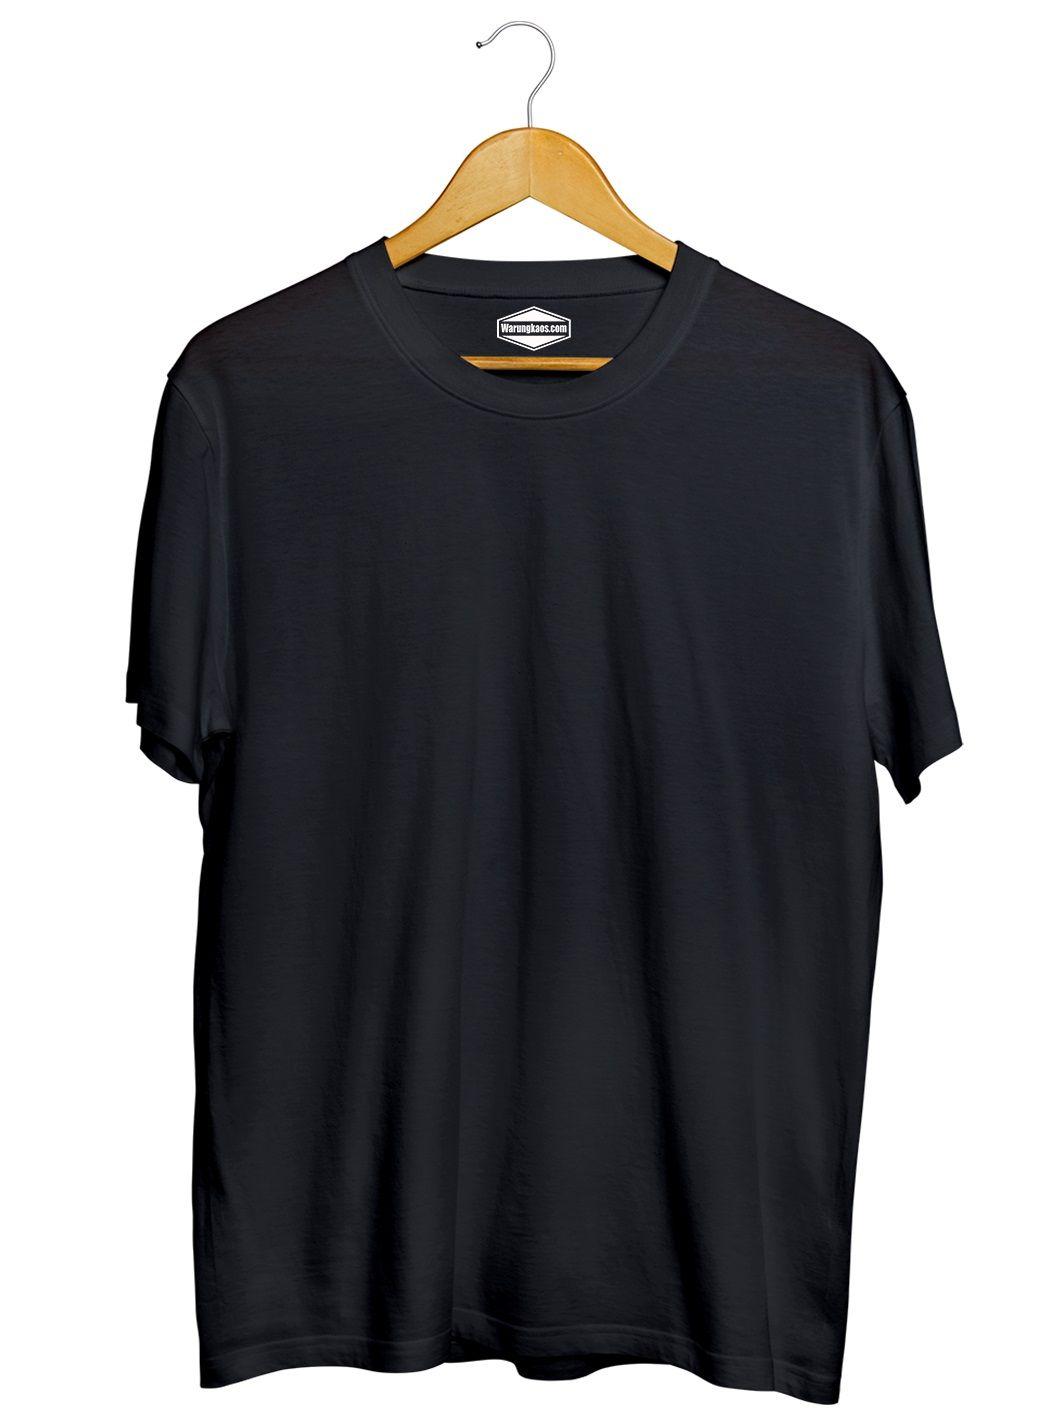 92 Ide Desain Sablon Kaos Polos Gratis Terbaru Untuk Di Contoh